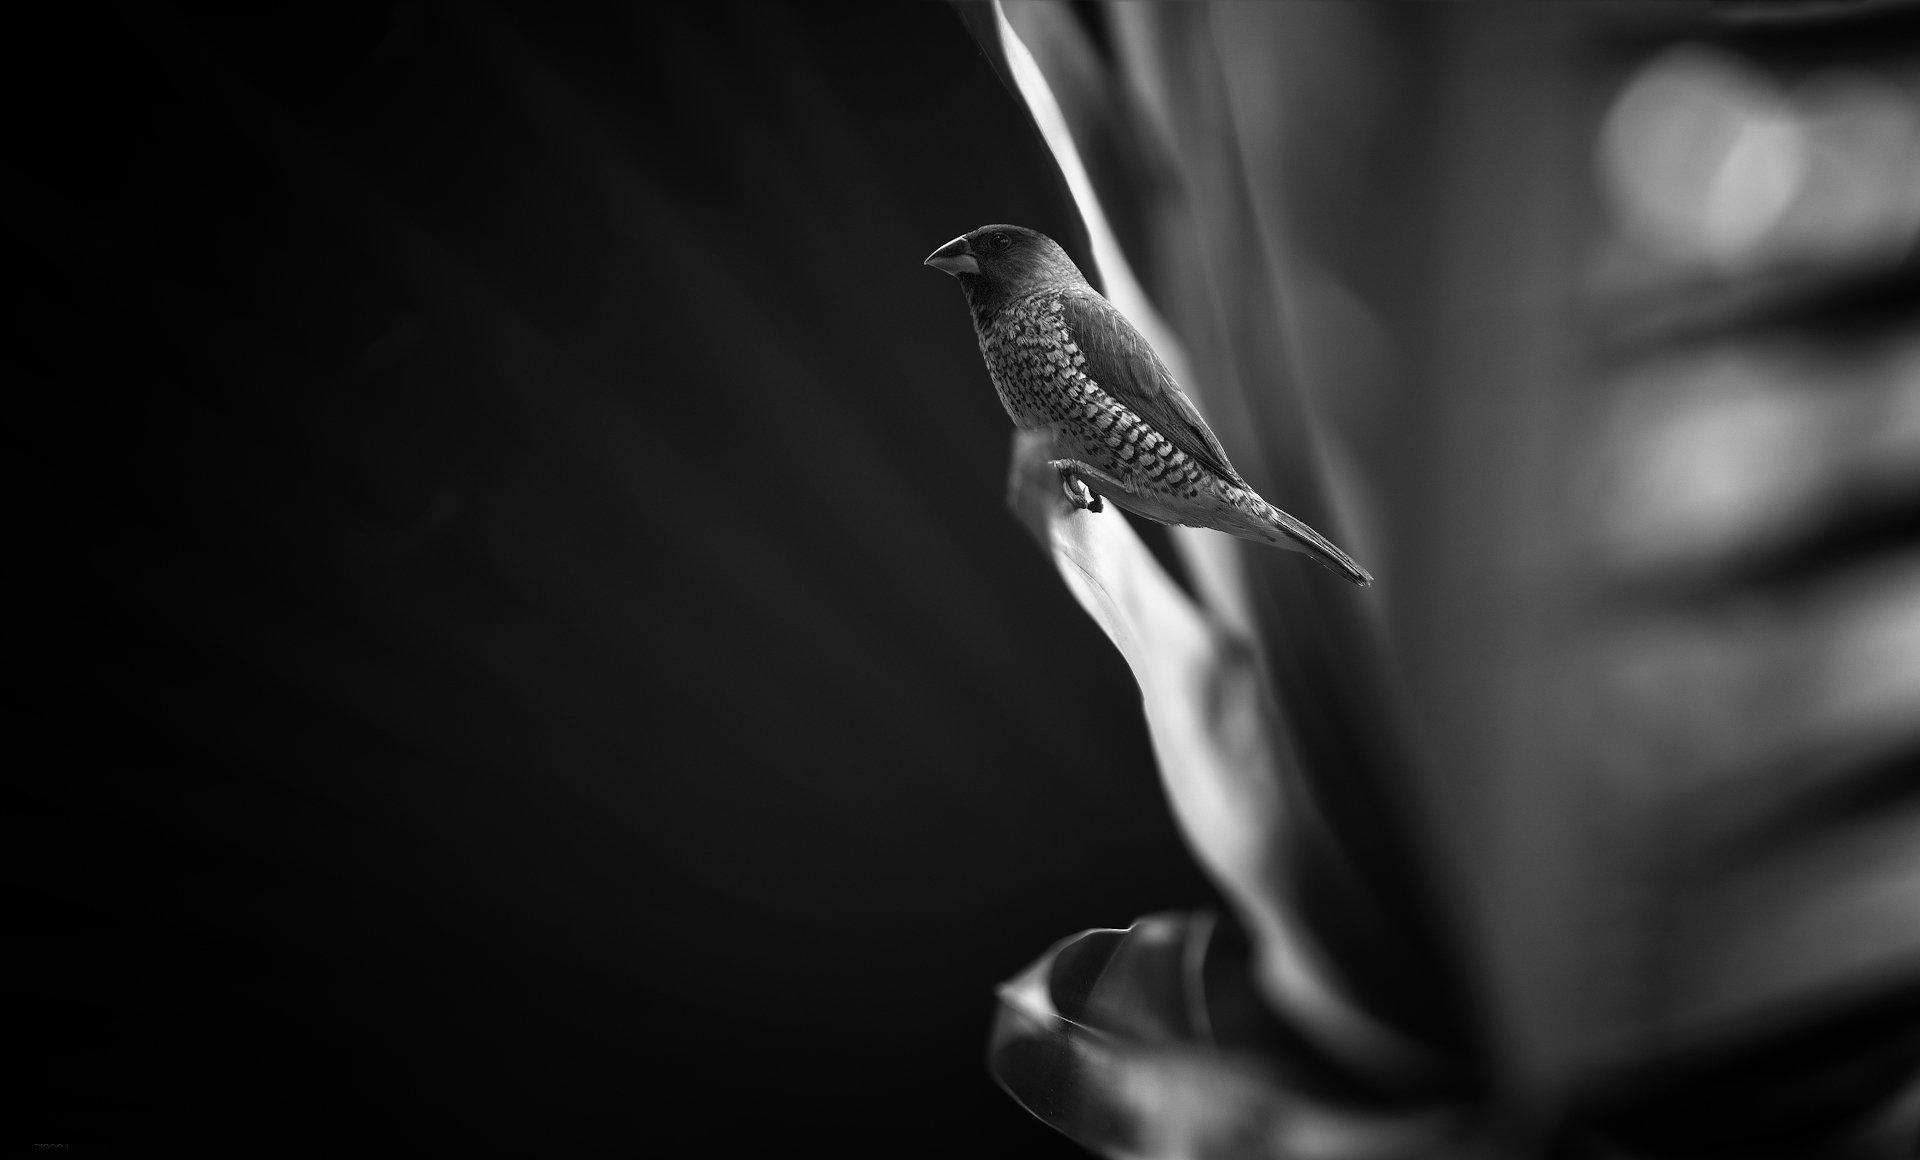 природа, животные, птицы, индонезия, Дмитрий Посевич